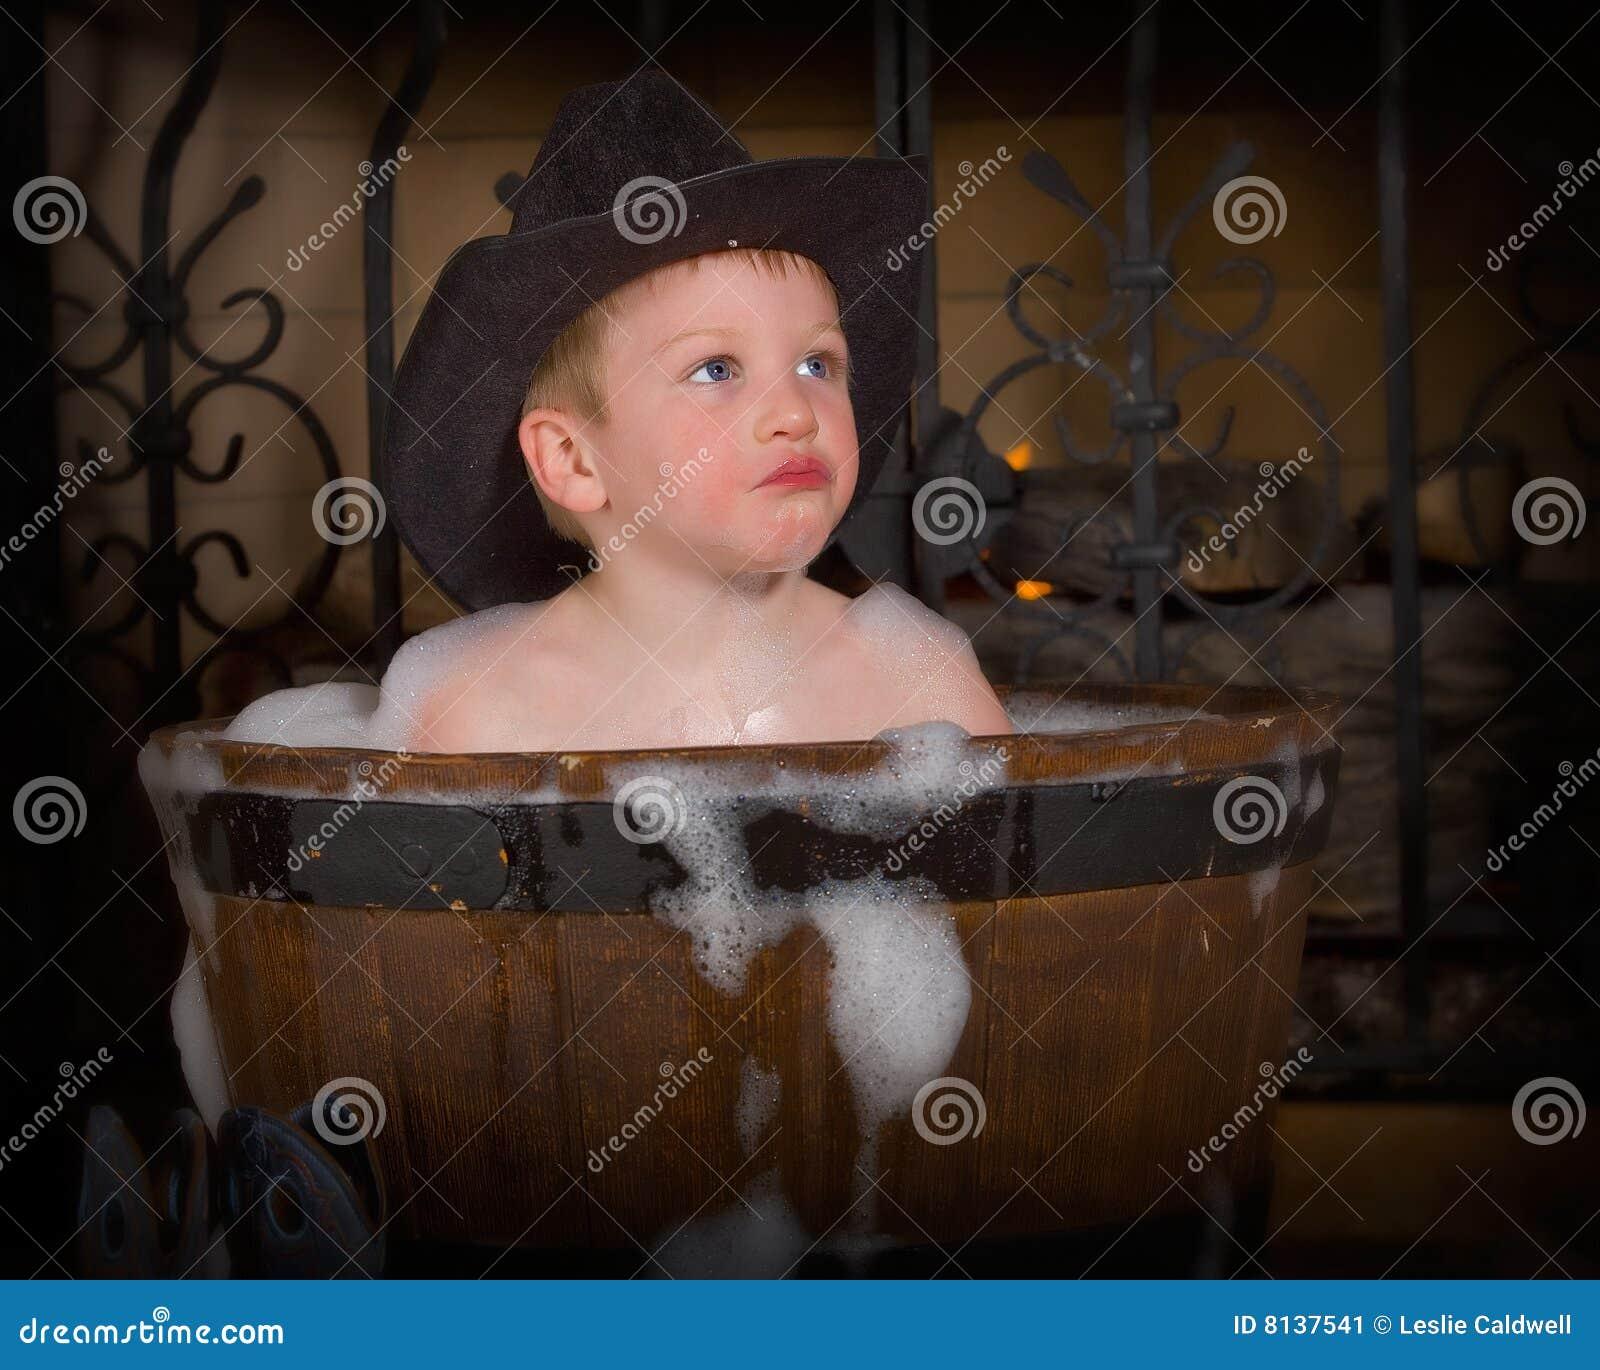 Cute boy taking foamy bath